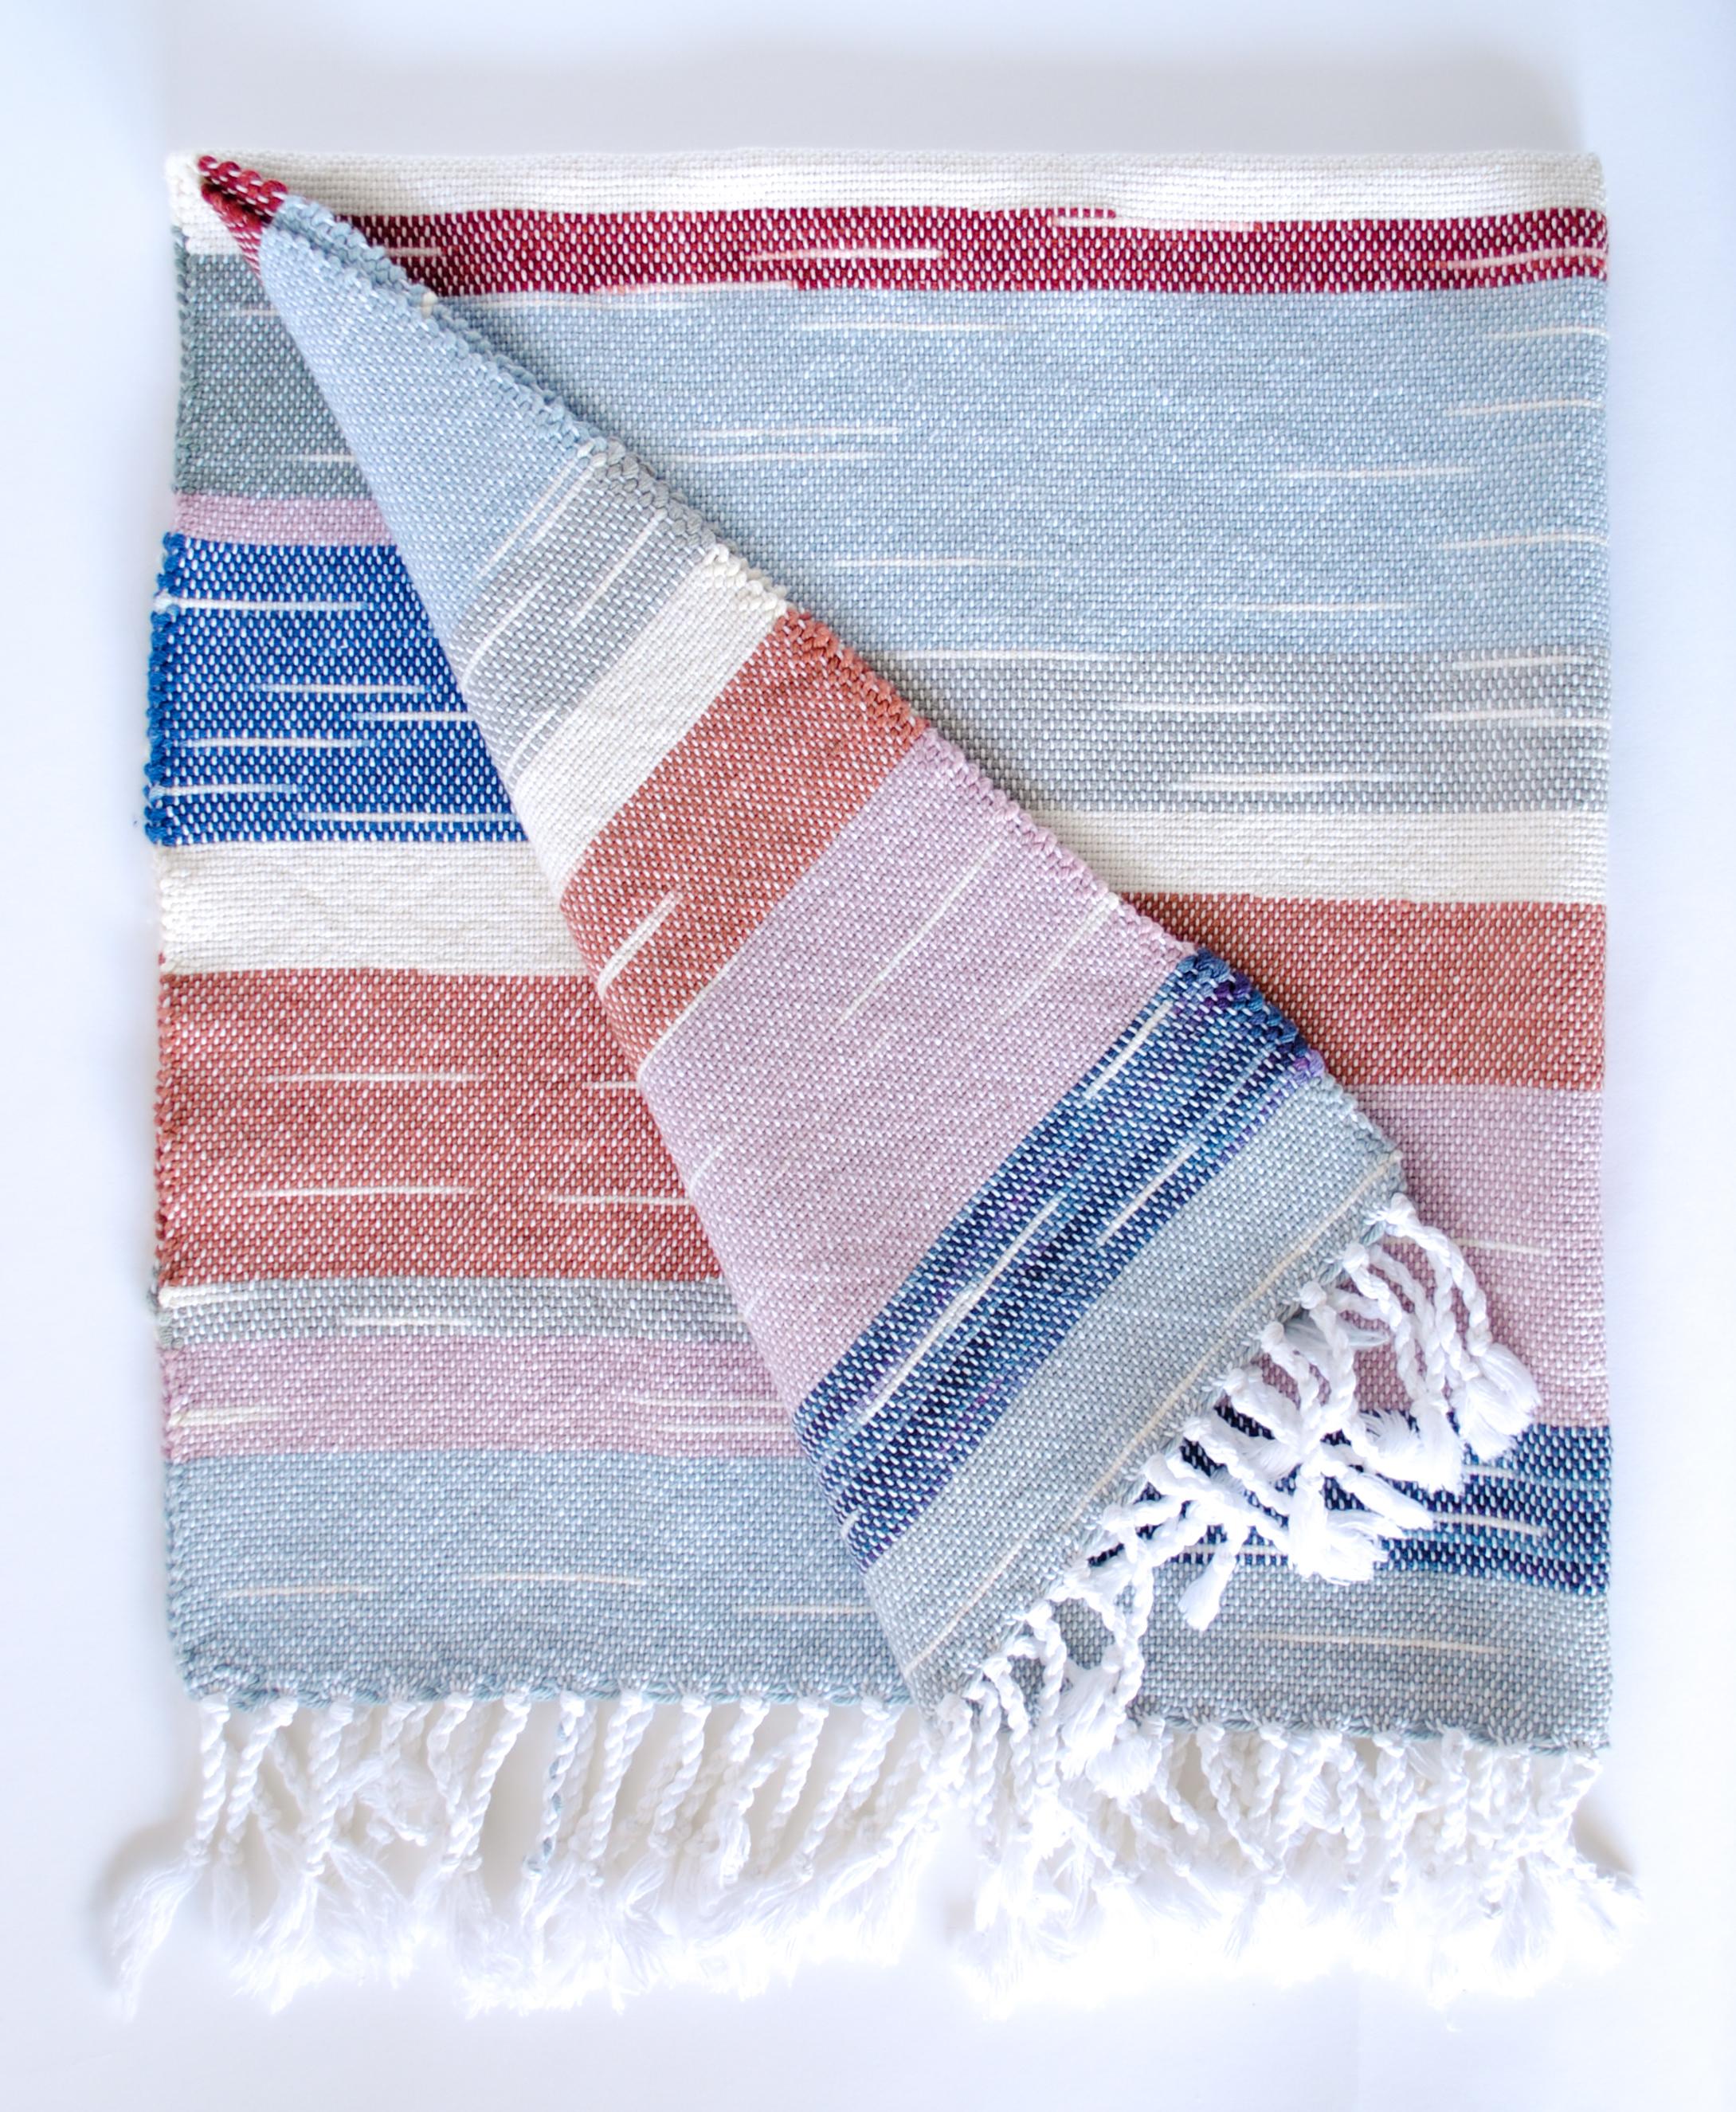 WEGATHER_Handwoven_BundleBlanket_Stripes_Folded.JPG